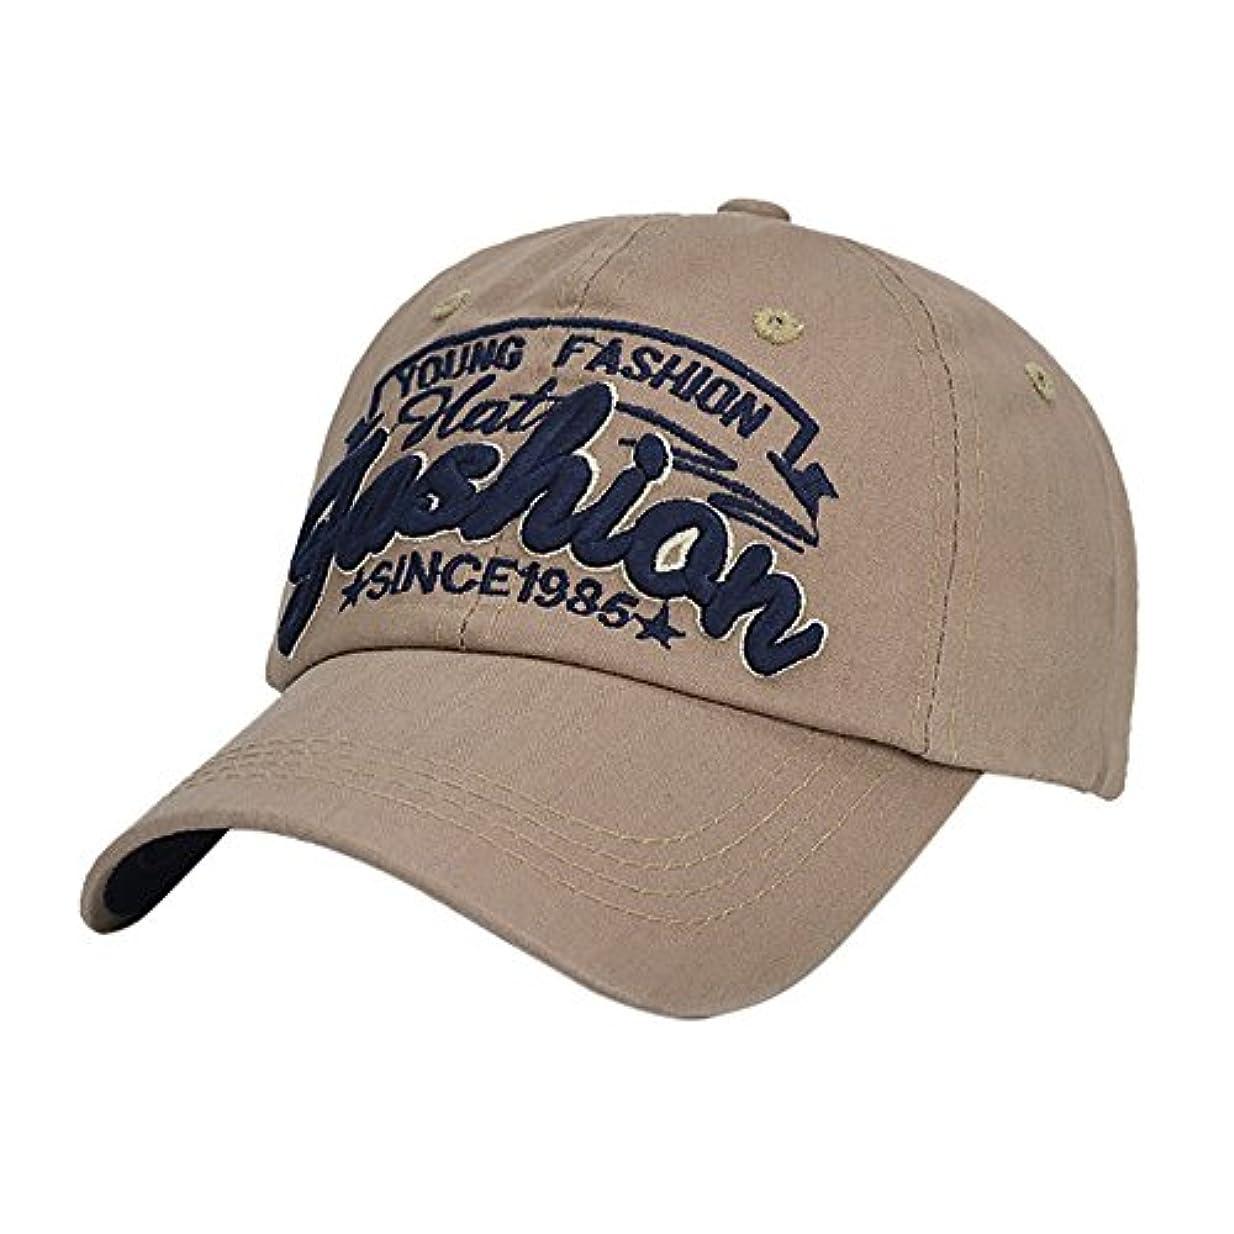 ポンペイ排除する擬人Racazing Cap ヒップホップ 野球帽 ストリートダンス 夏 登山 通気性のある 帽子 パール ビーディング 可調整可能 日焼け止め 棒球帽 UV 帽子 軽量 屋外 女性向 Hat (コーヒー)